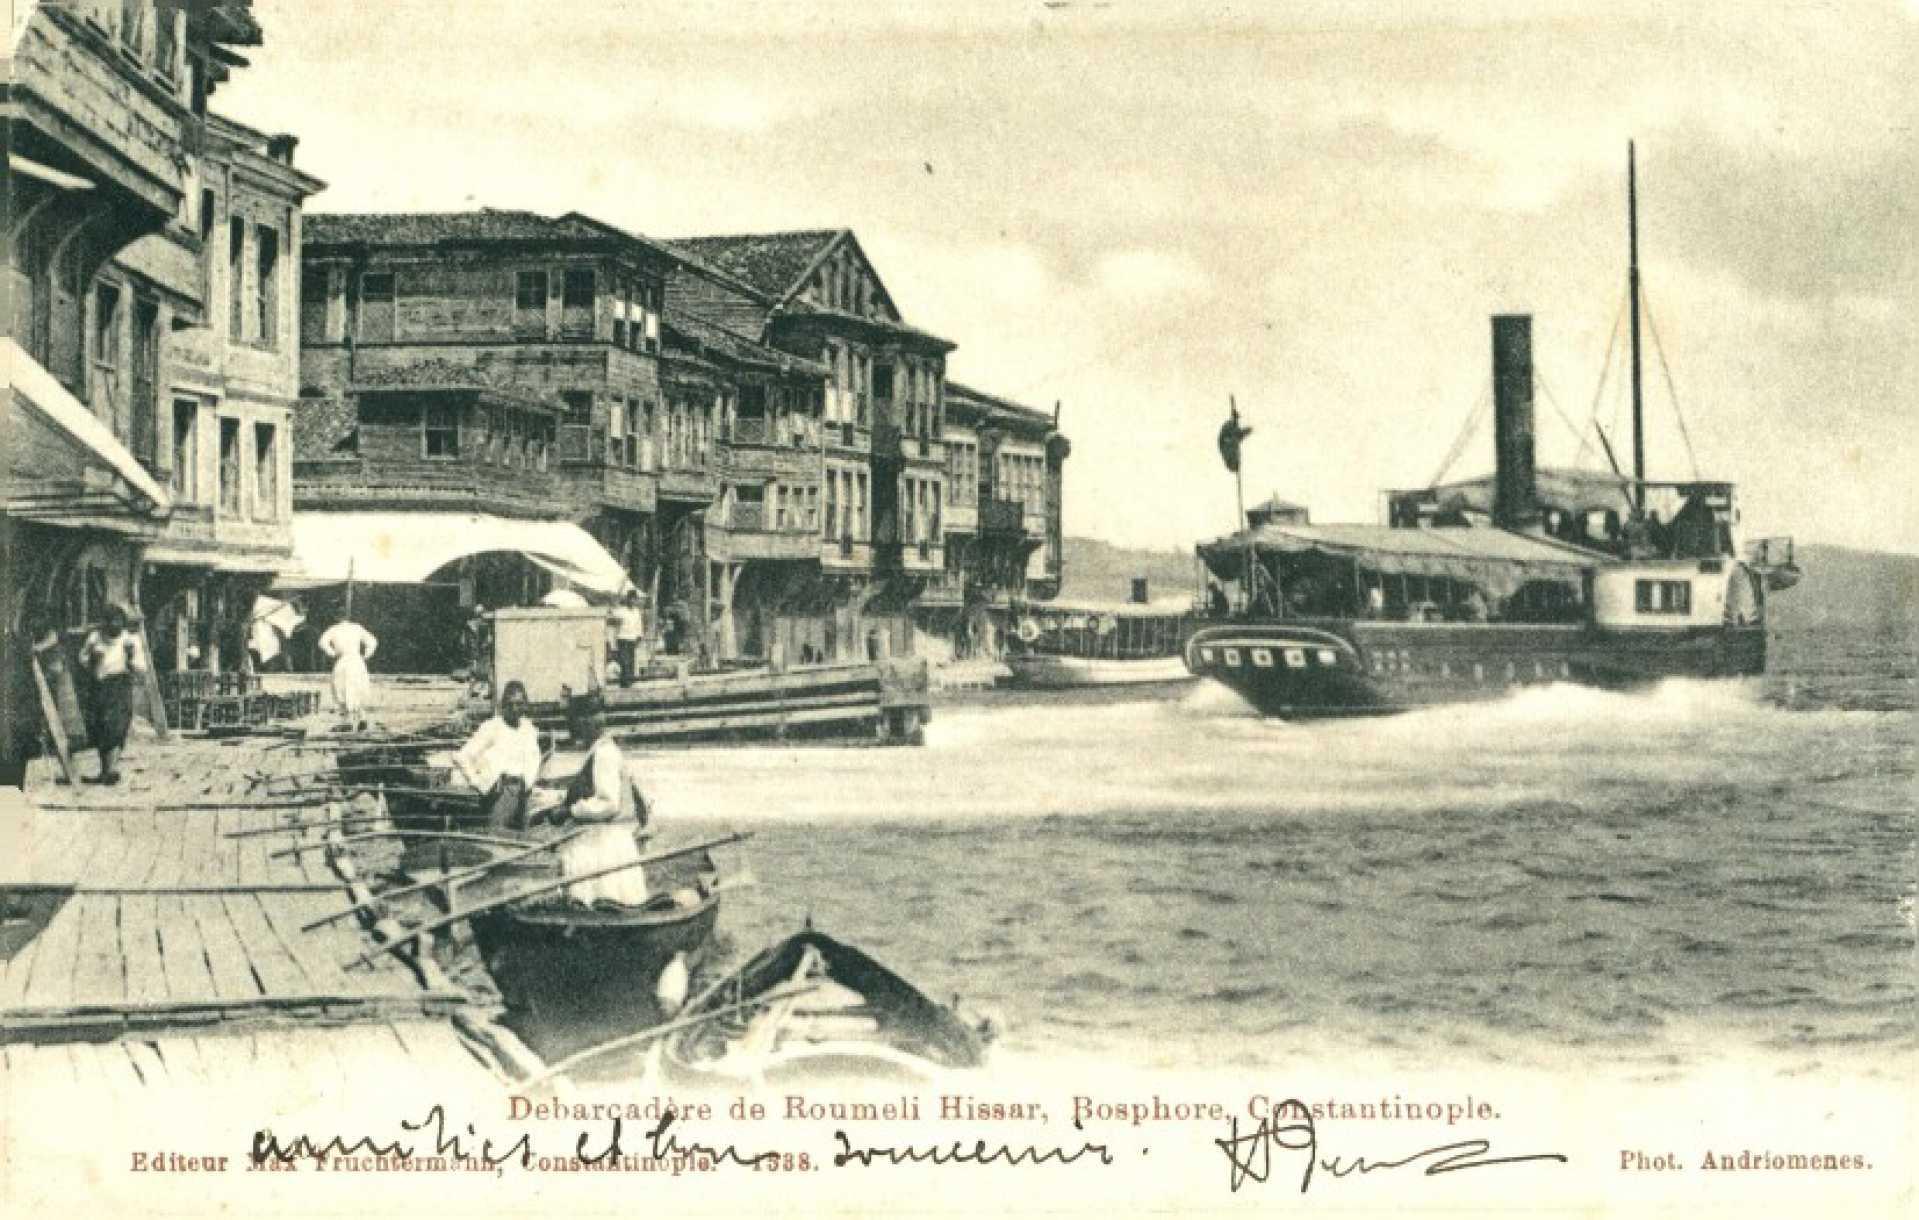 Debarcadere de Roumeli Hissar. Bosphore. Constantinople